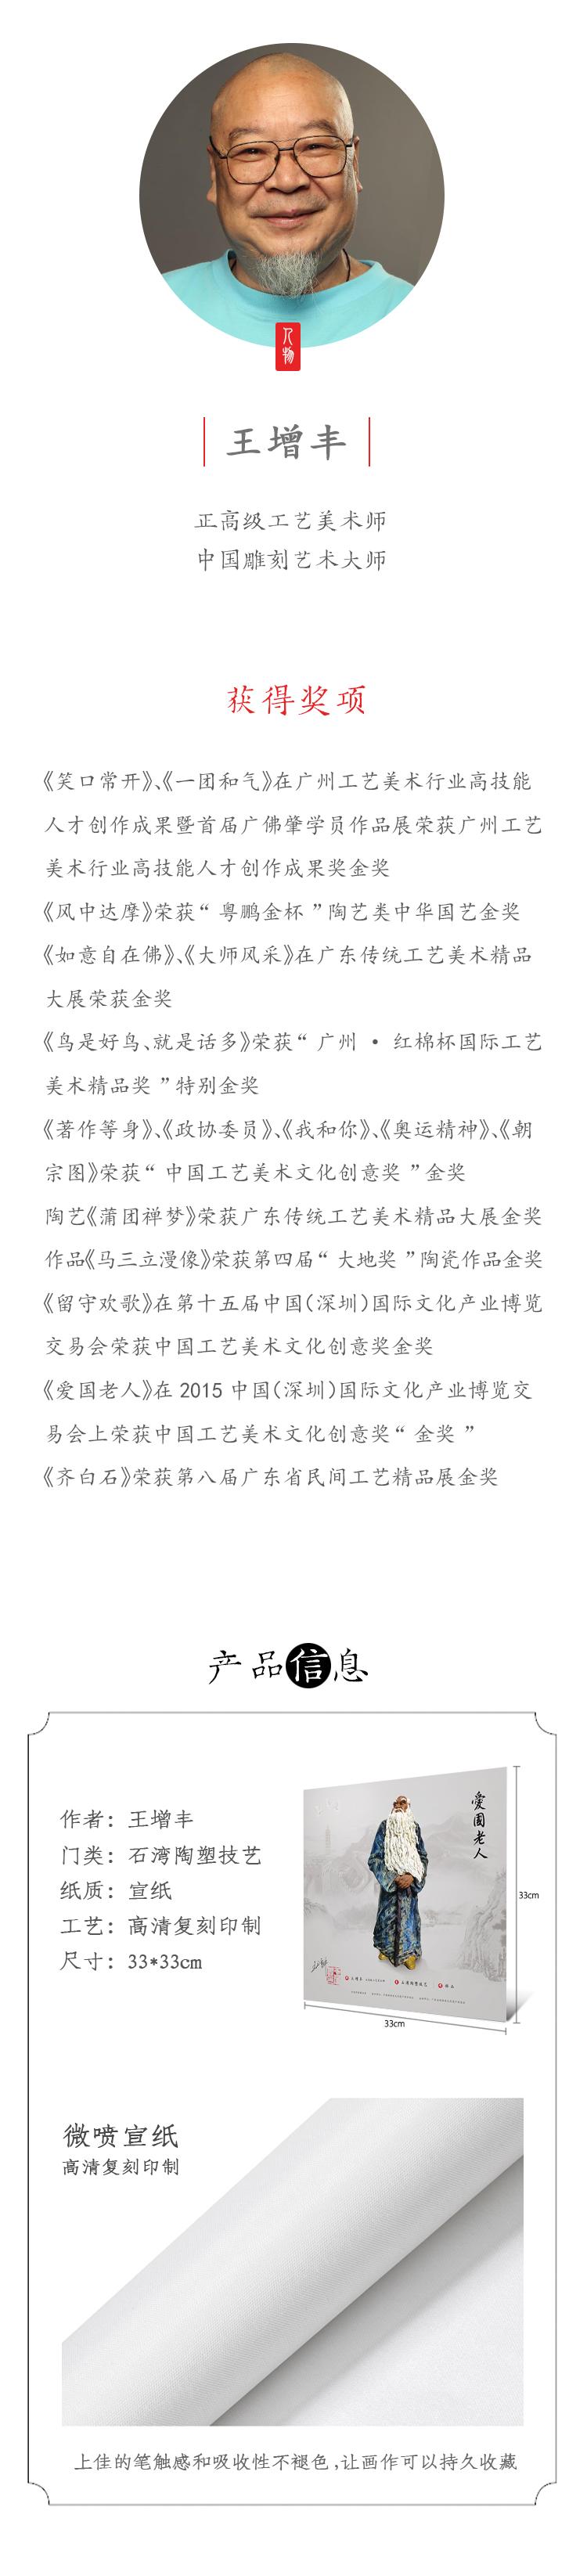 王增丰-爱国老人_07.jpg